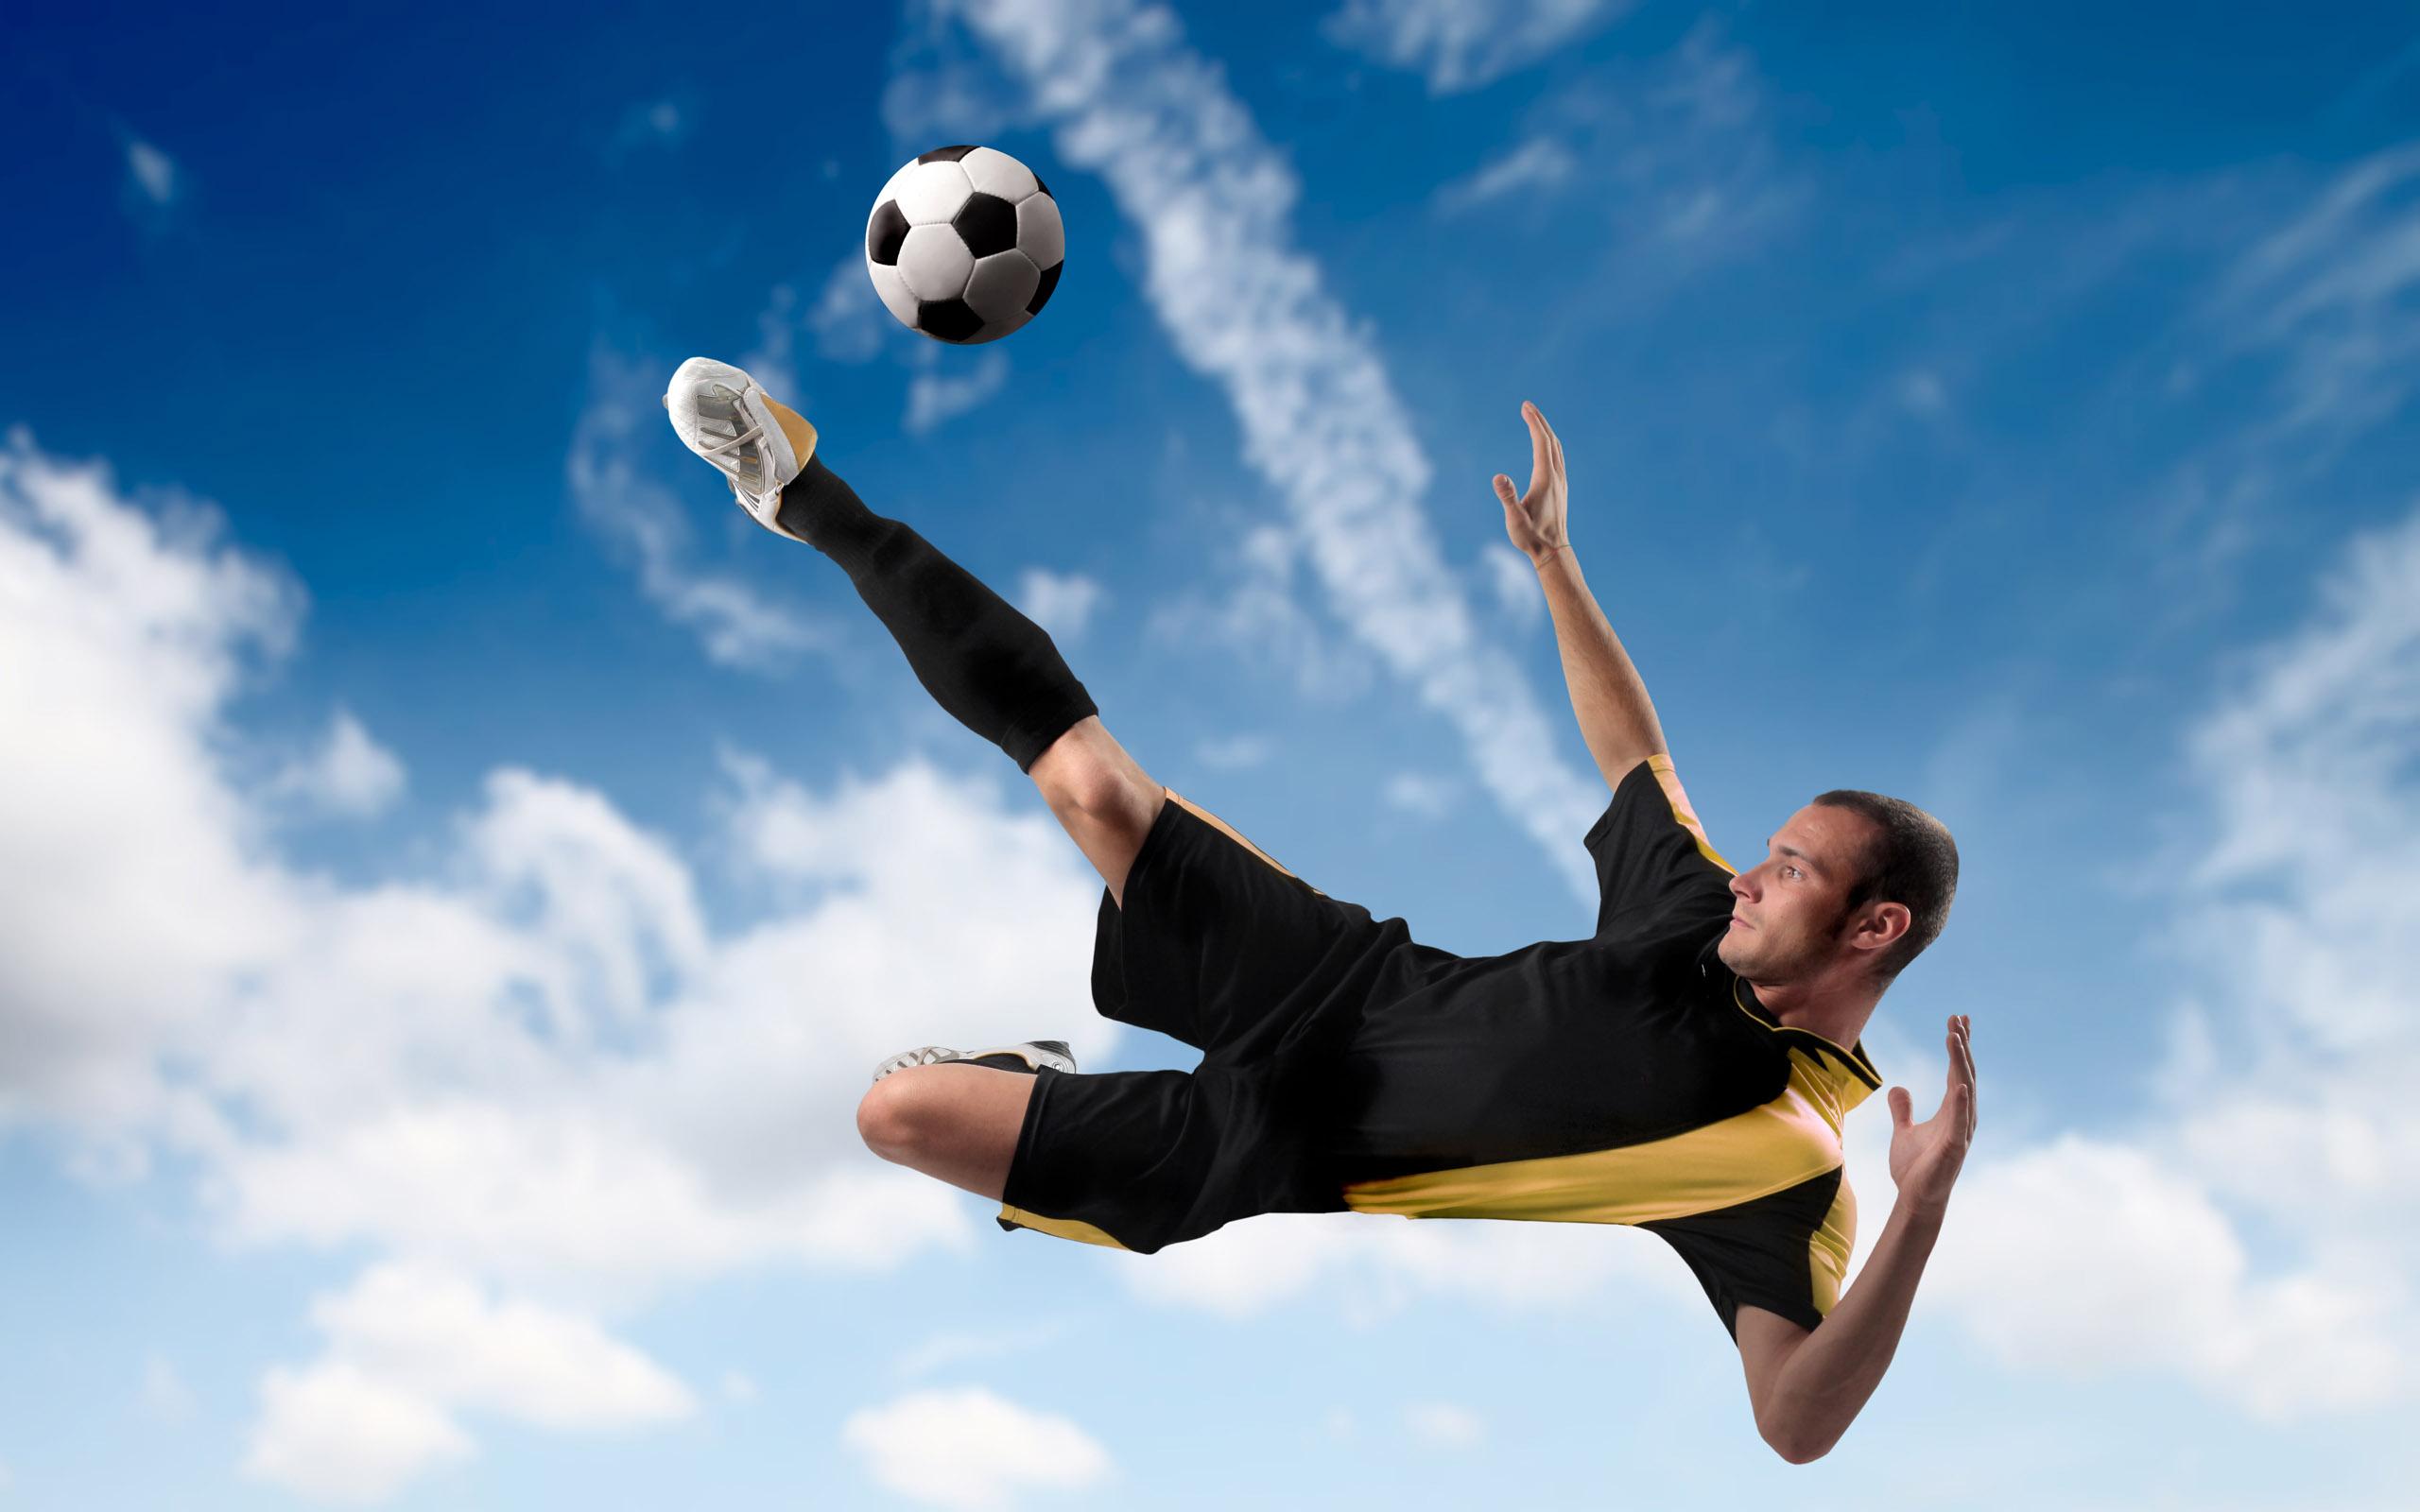 soccer   Soccer Photo 26649442 2560x1600